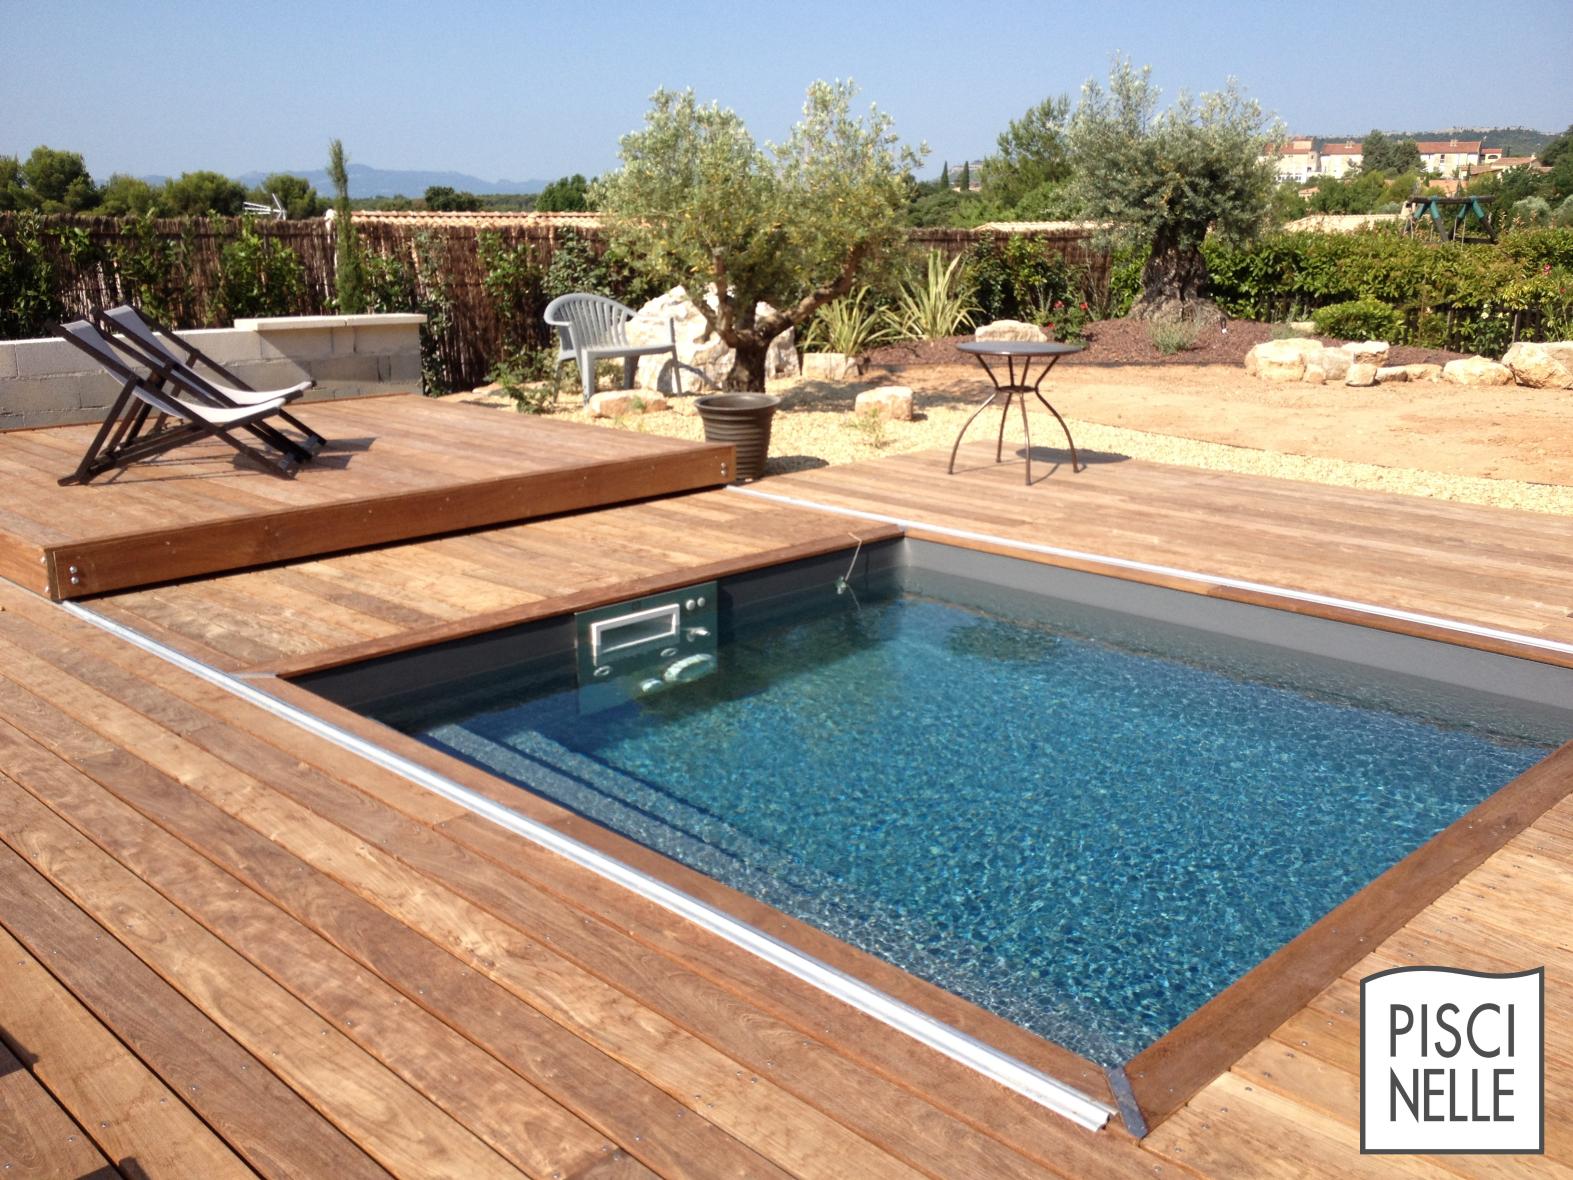 Une Terrasse Mobile De Piscine Rolling-Deck En Provence ... concernant Fabriquer Une Terrasse Mobile Pour Piscine